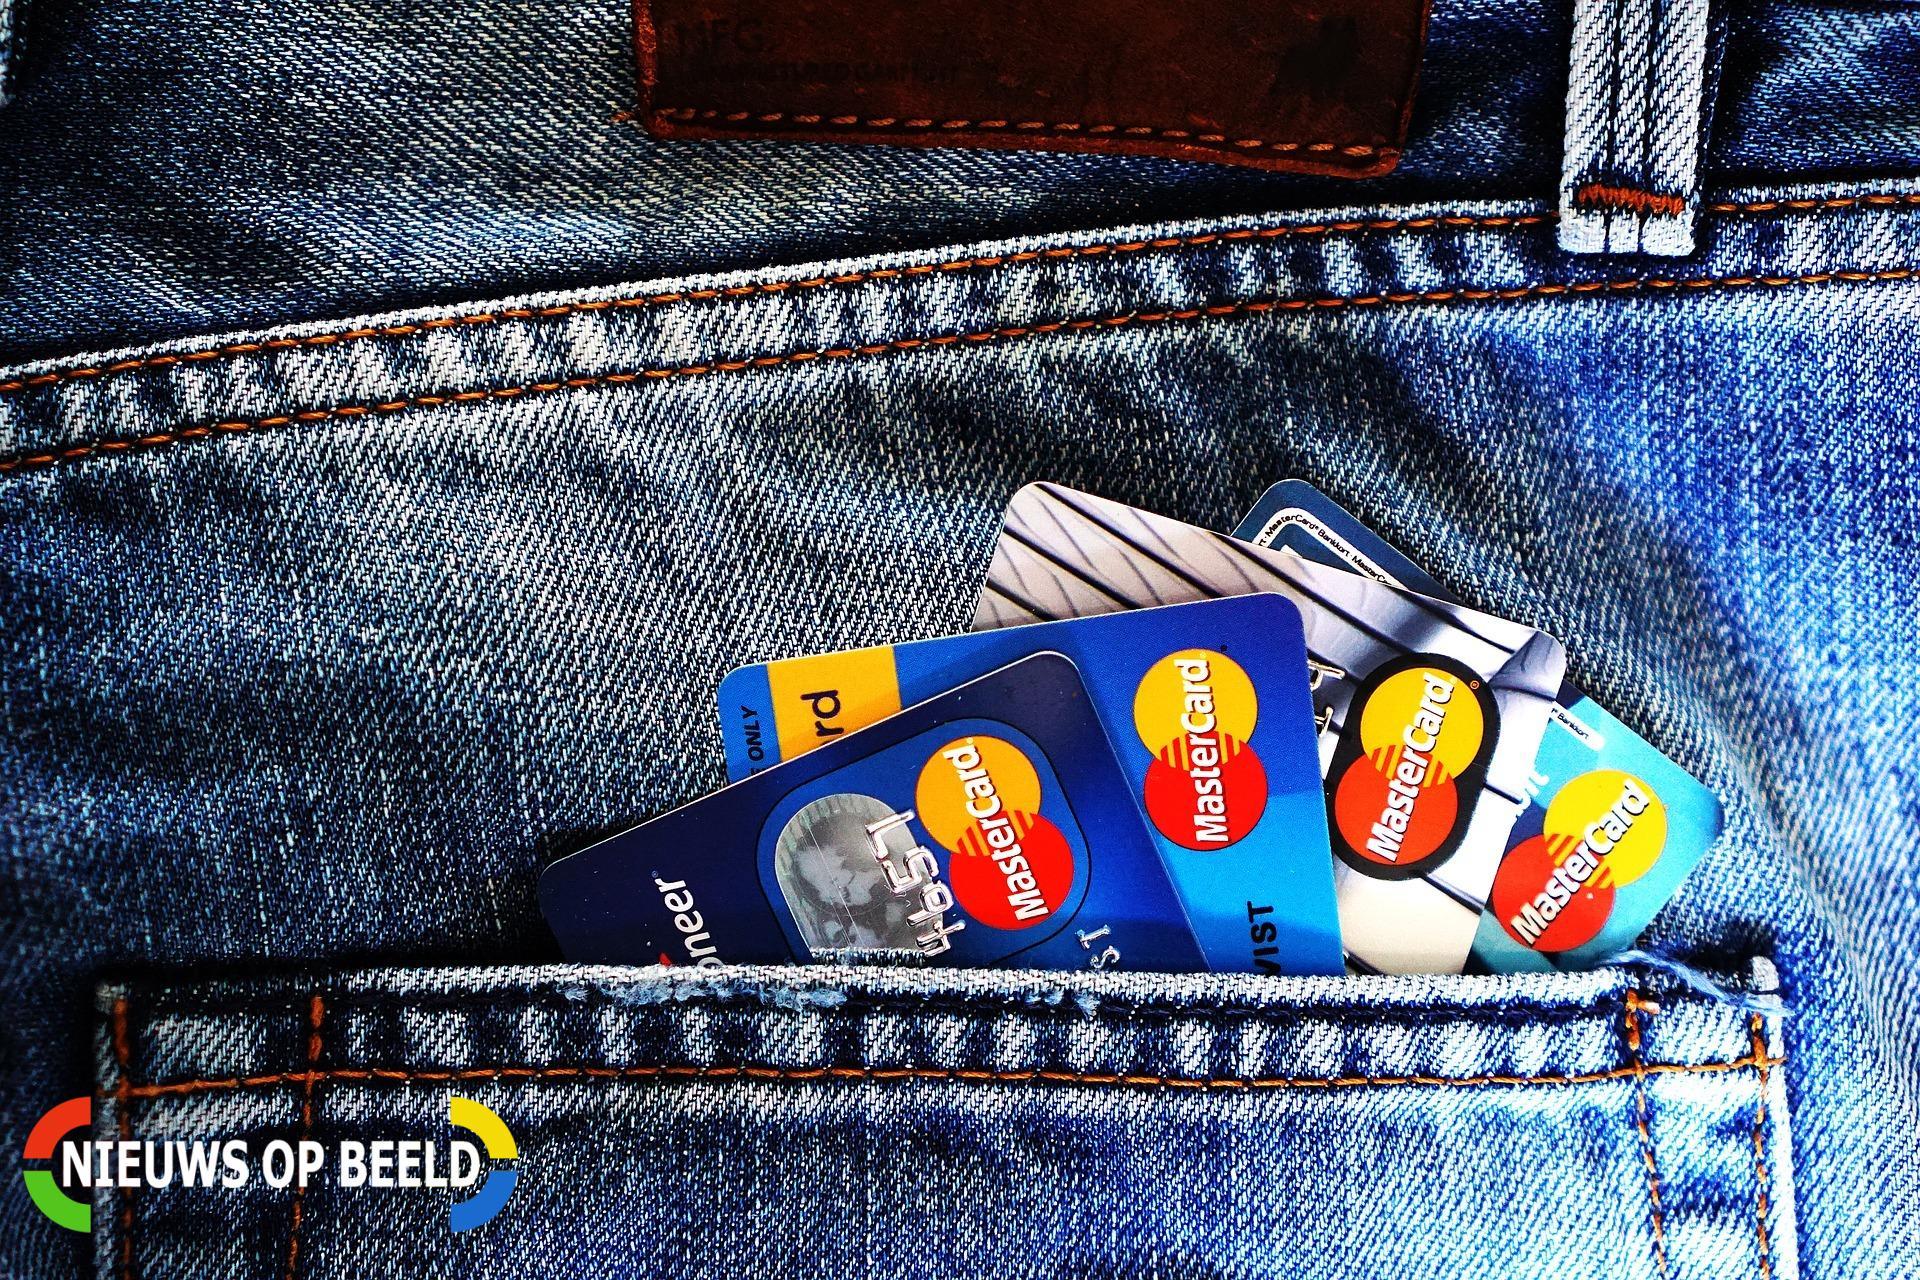 Steeds meer mensen met schulden onder toezicht